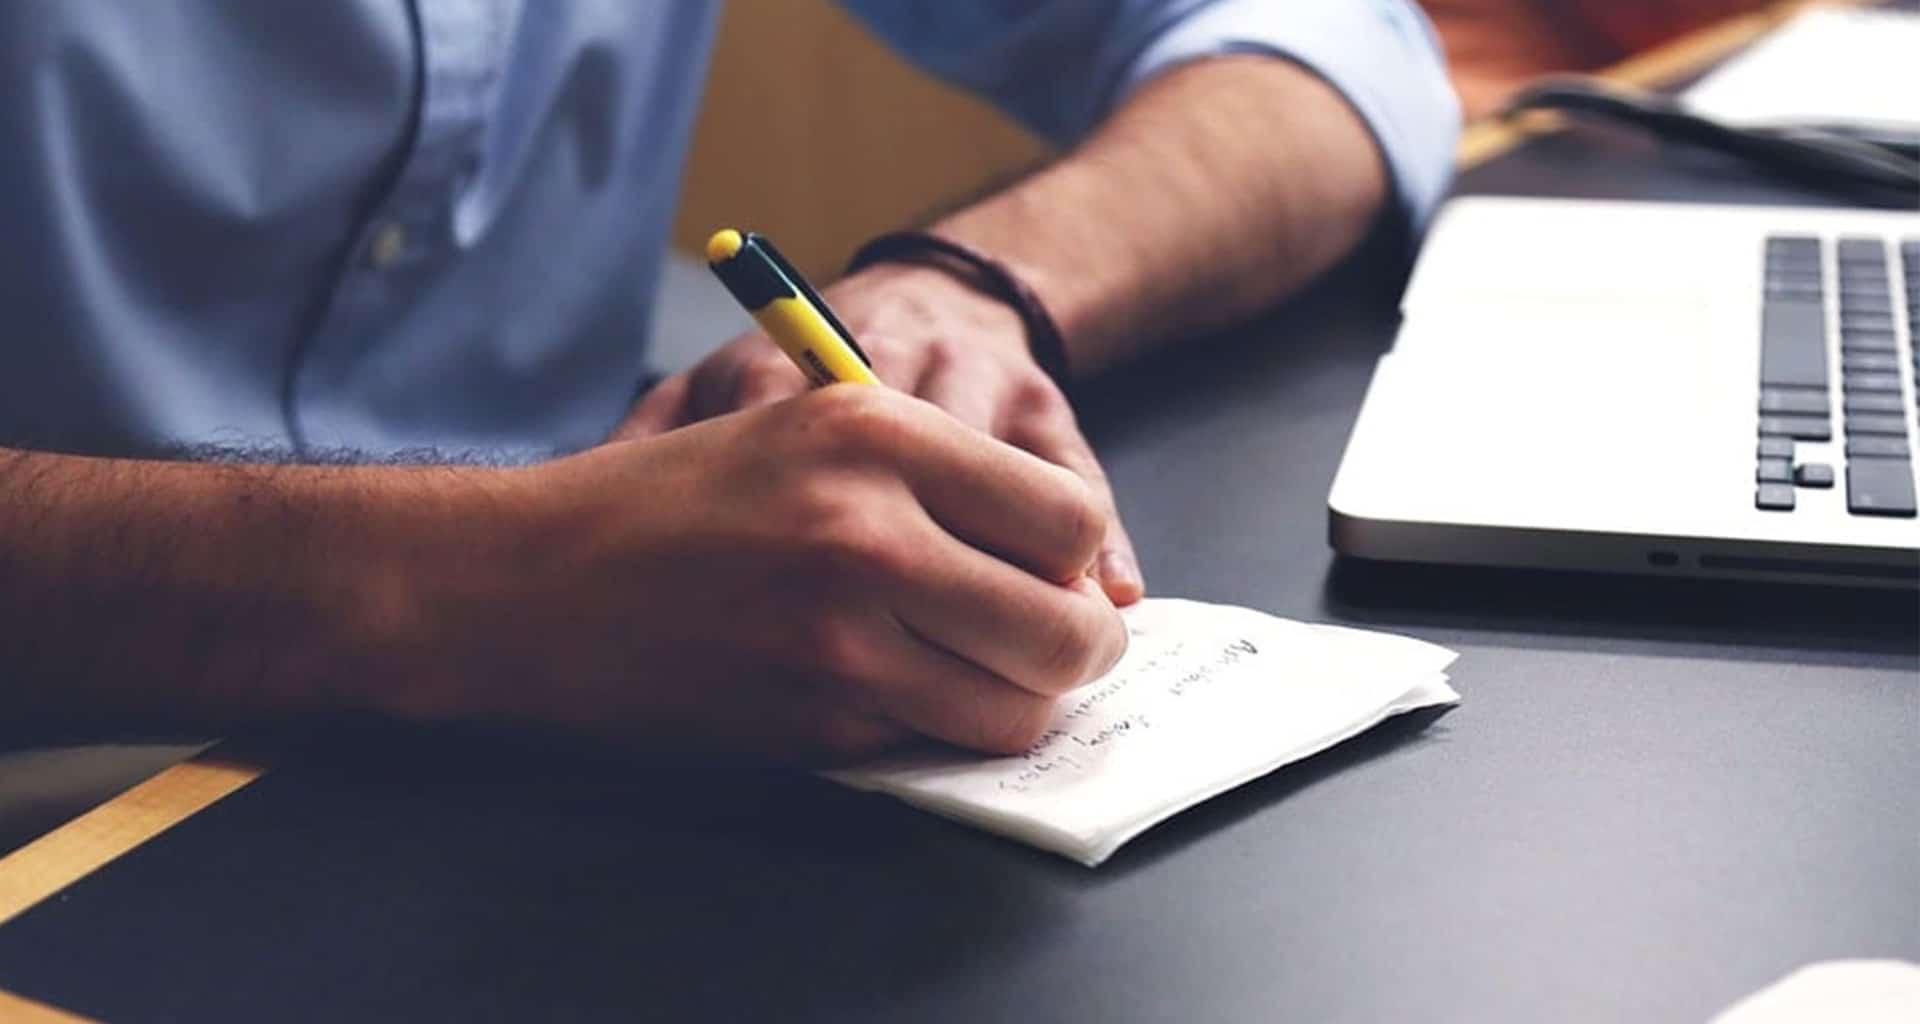 handen met een pen en papier met een macbook